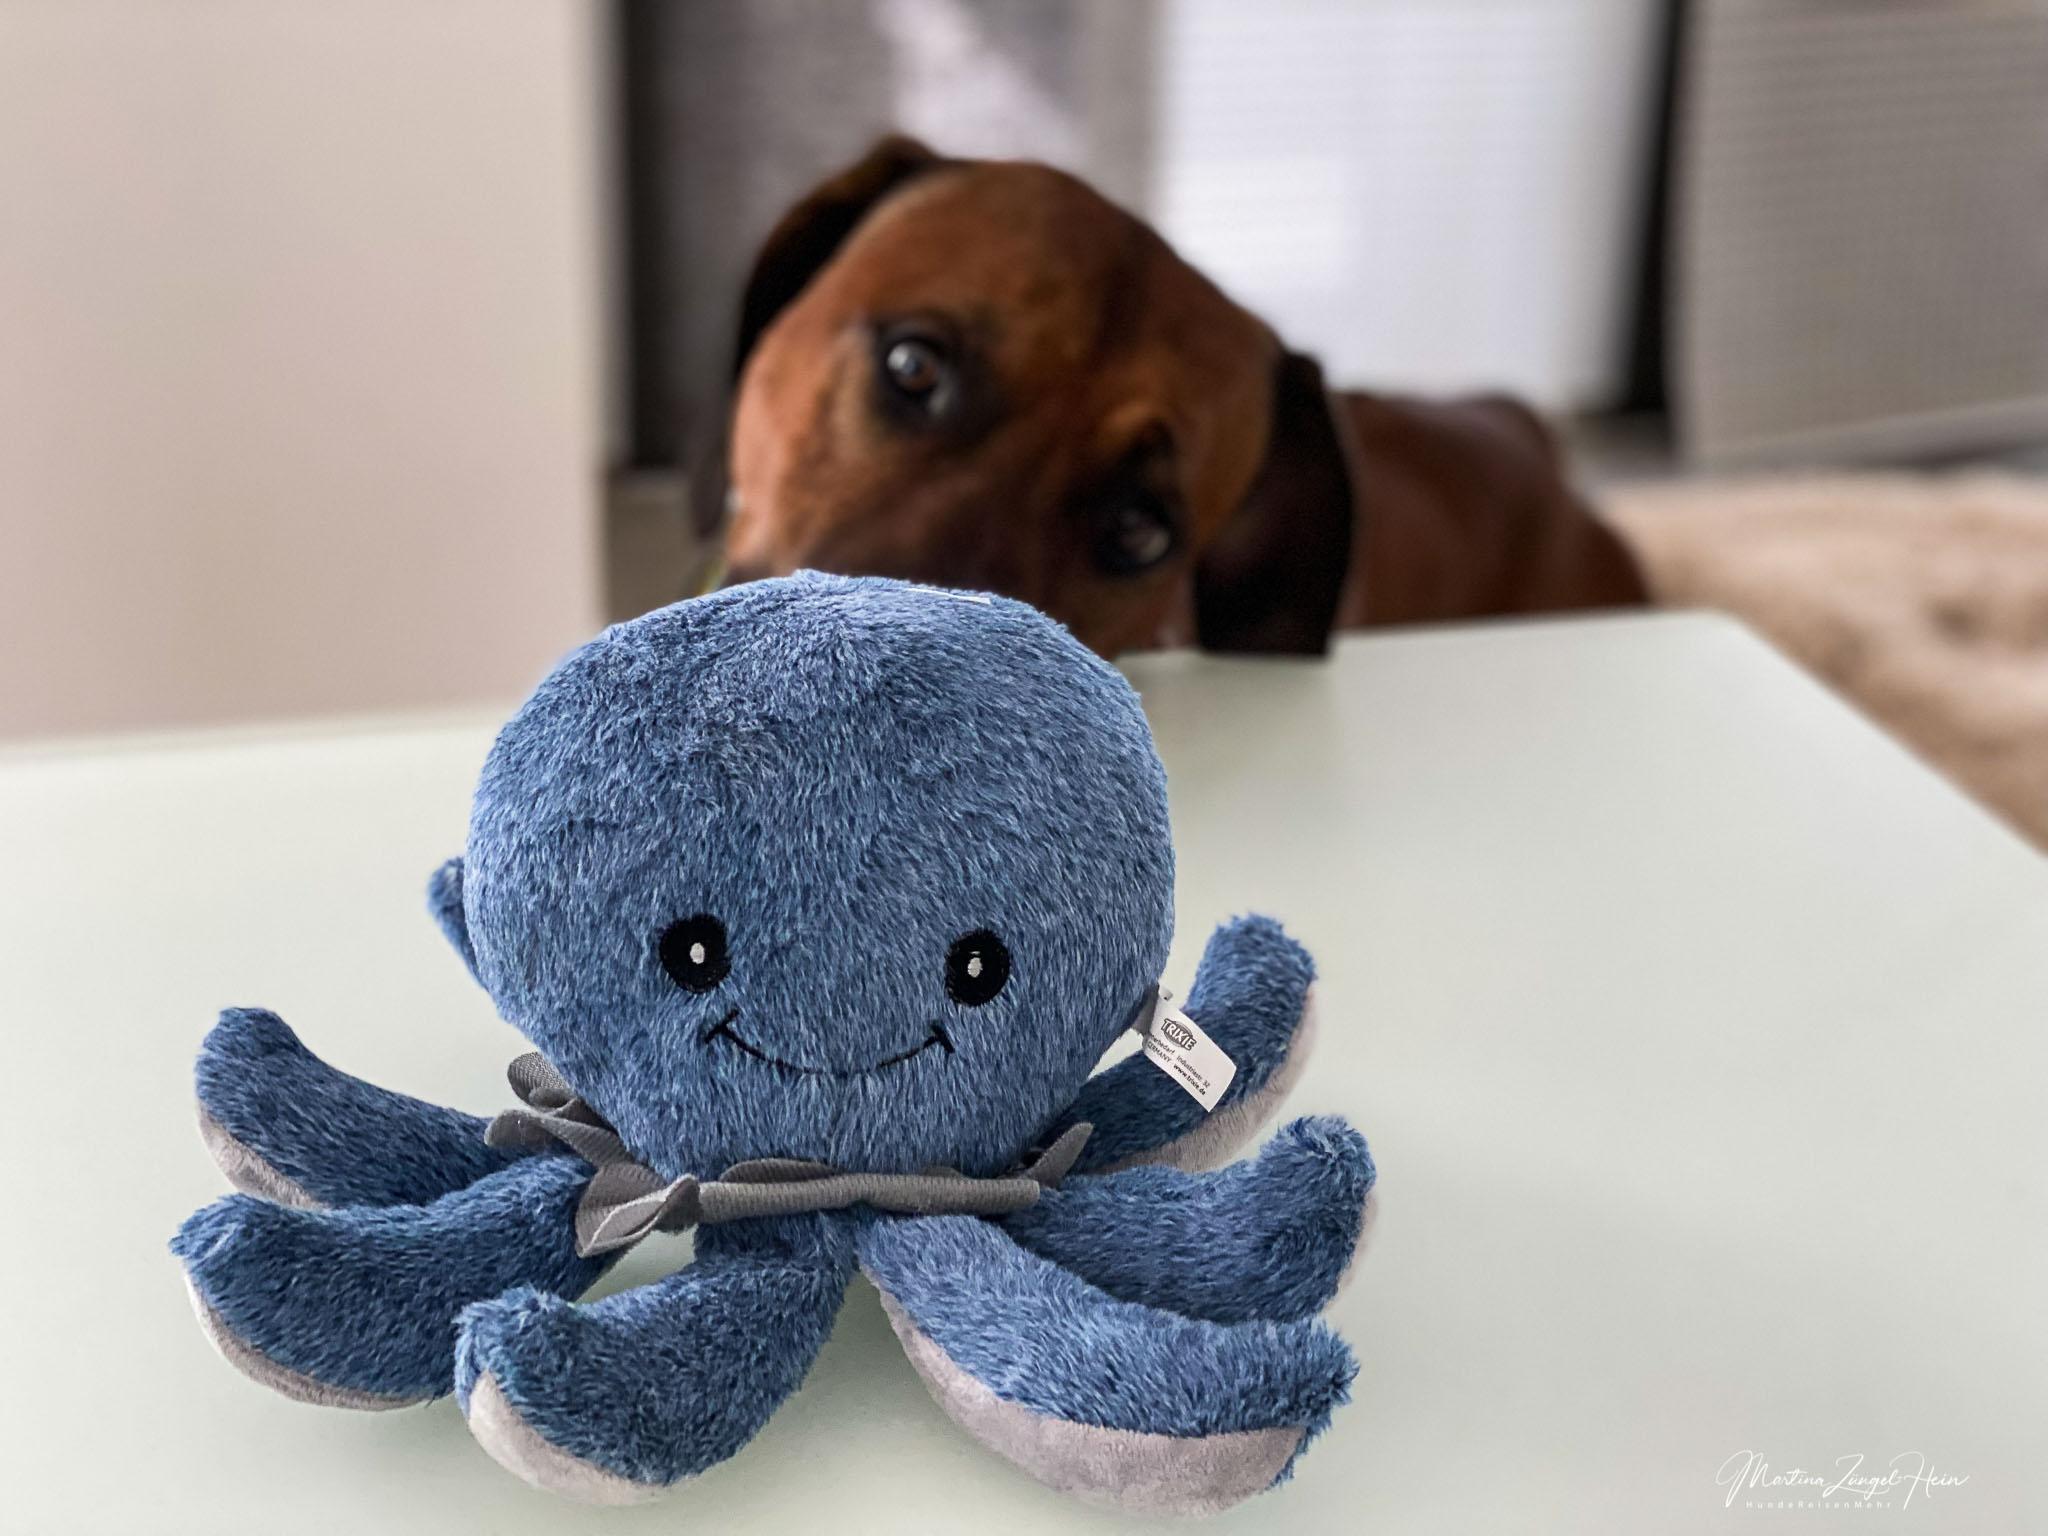 Lieblingsprodukt von Raban ist der Octopus Ocke